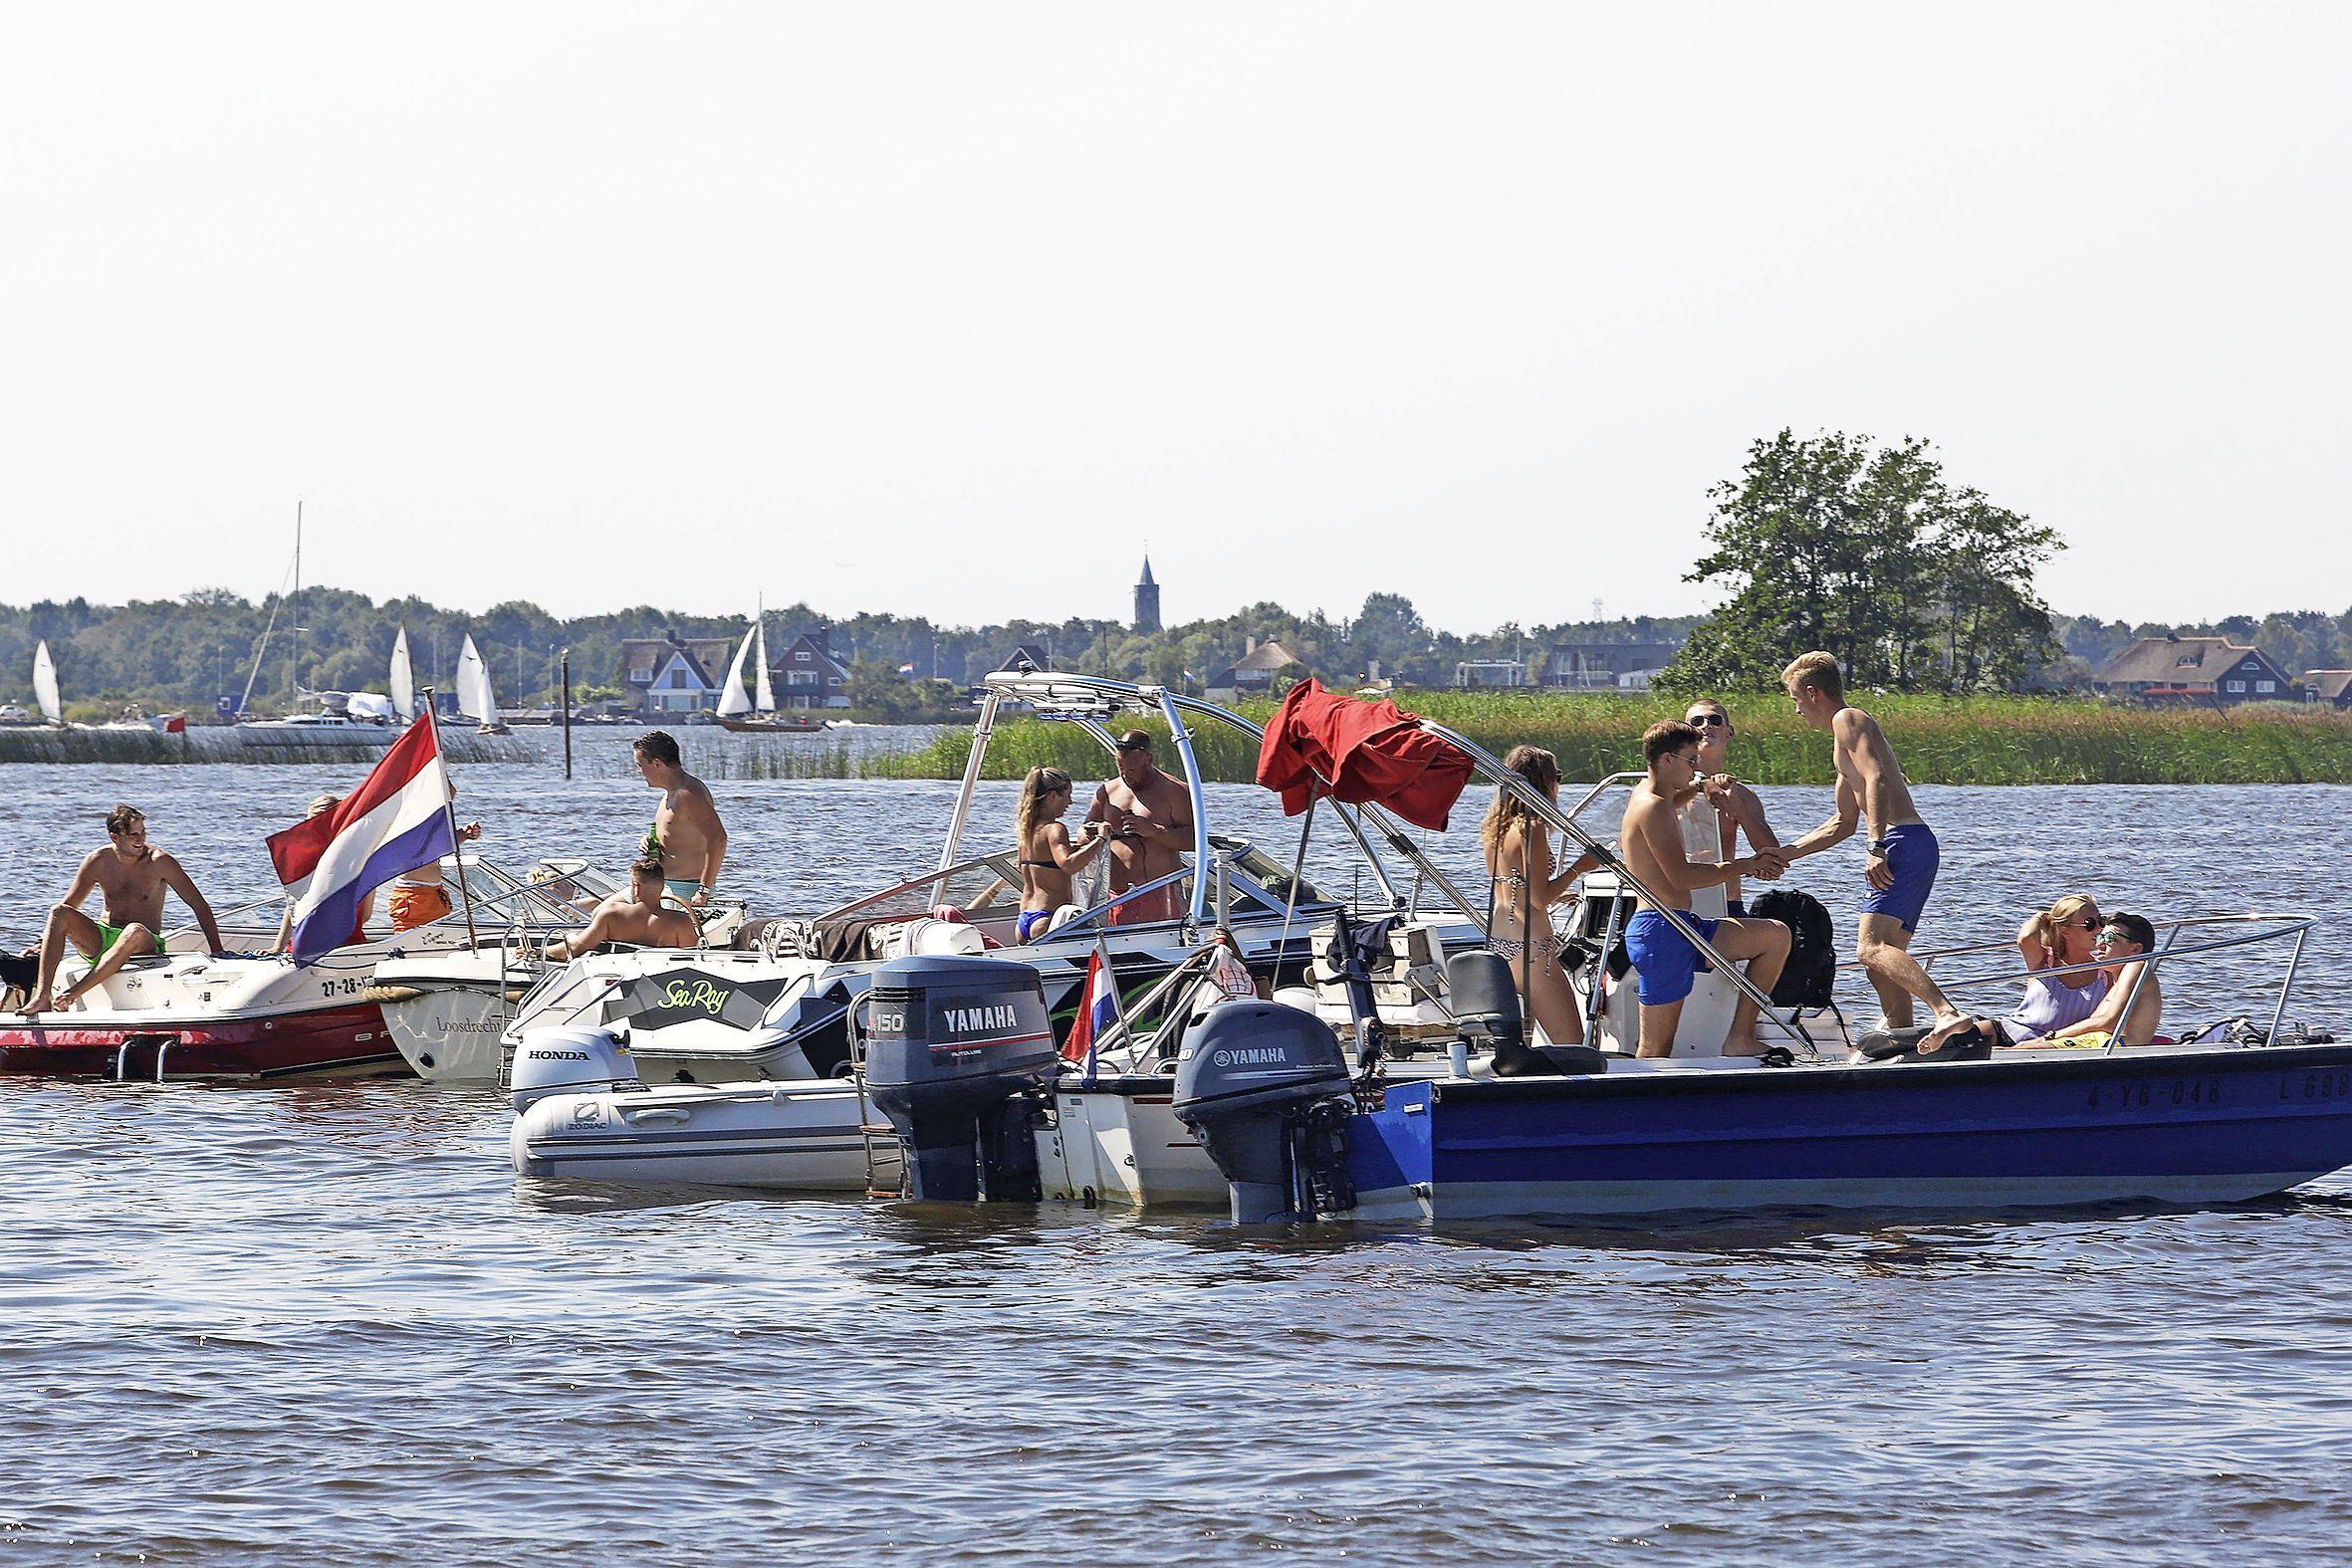 Loosdrecht door corona weer prominent op de kaart als watersportdorp: wachtlijsten voor een bootje, prijs ligplaats stijgt